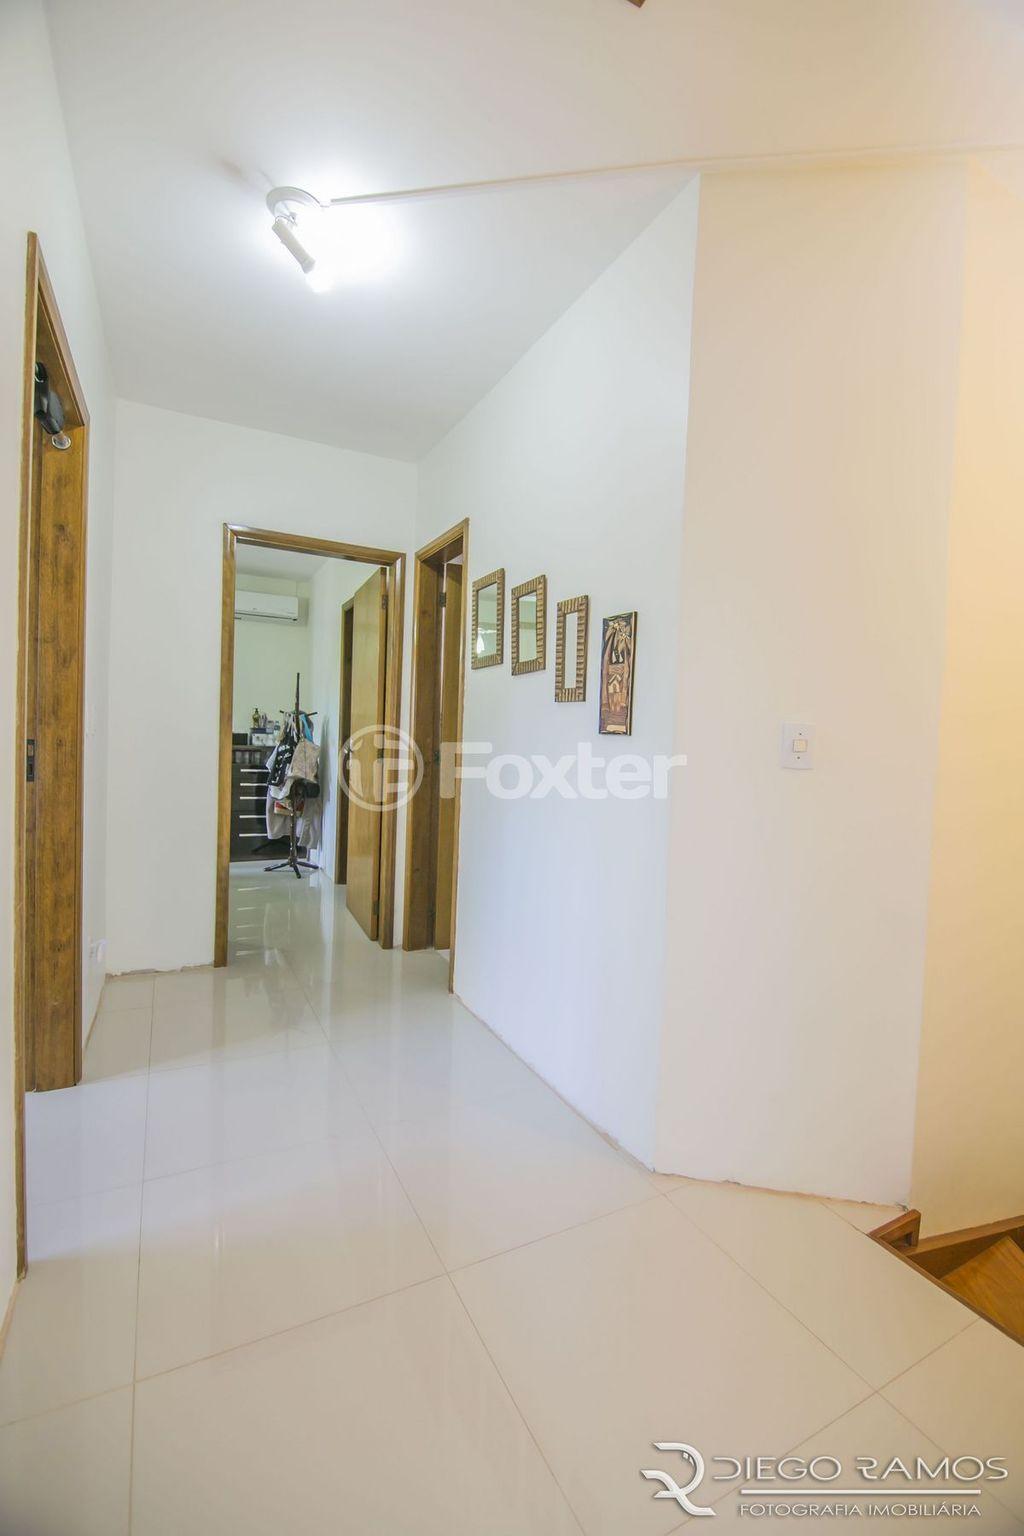 Foxter Imobiliária - Casa 3 Dorm, Camaquã (132851) - Foto 23